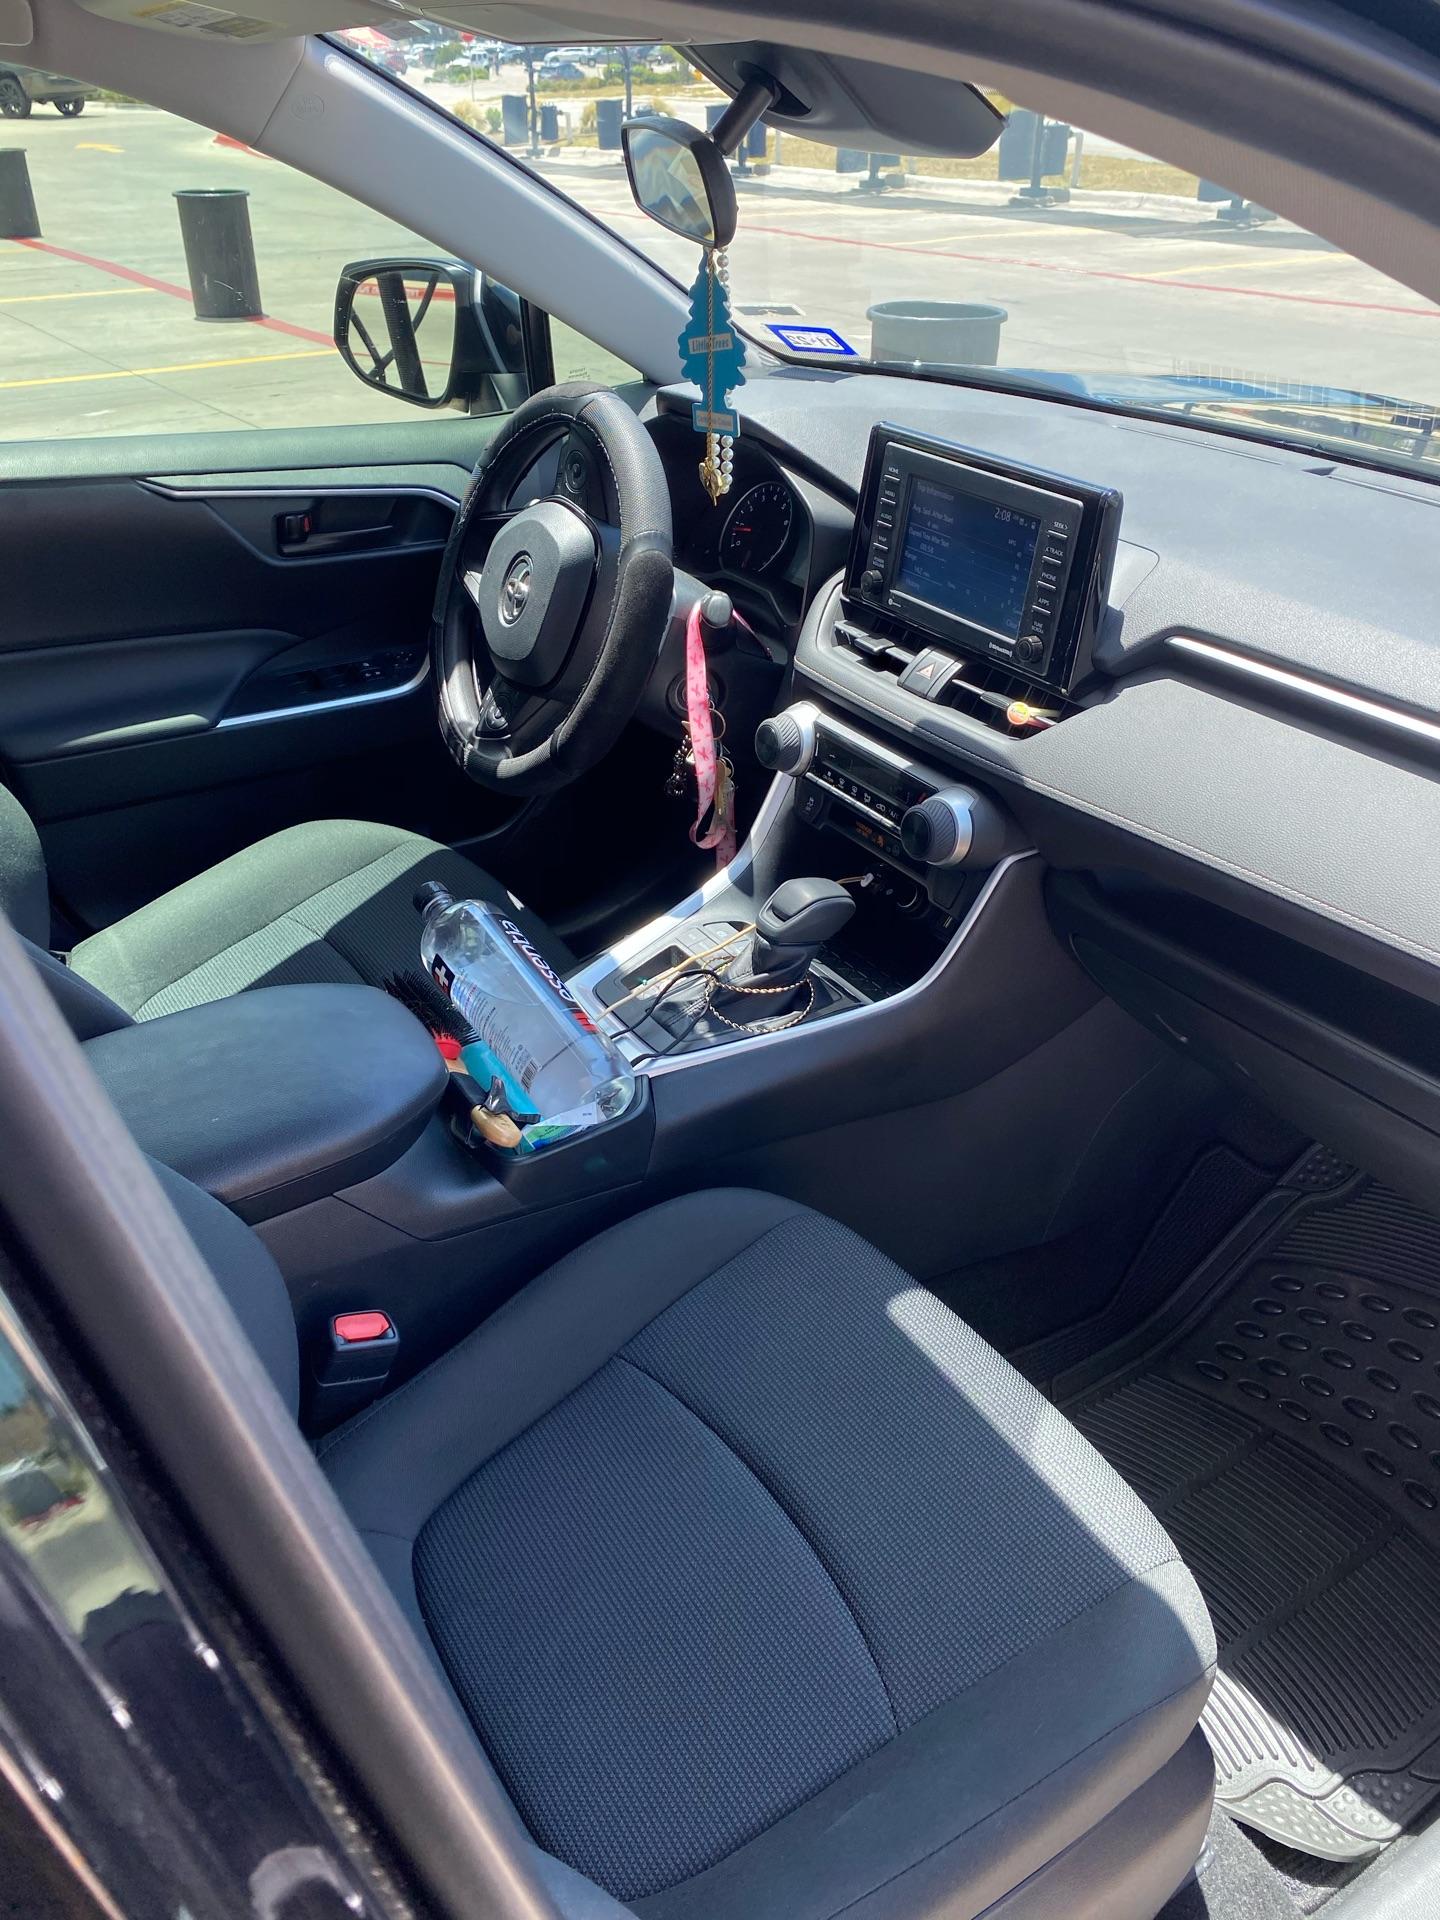 Toyota RAV4 - photo 7